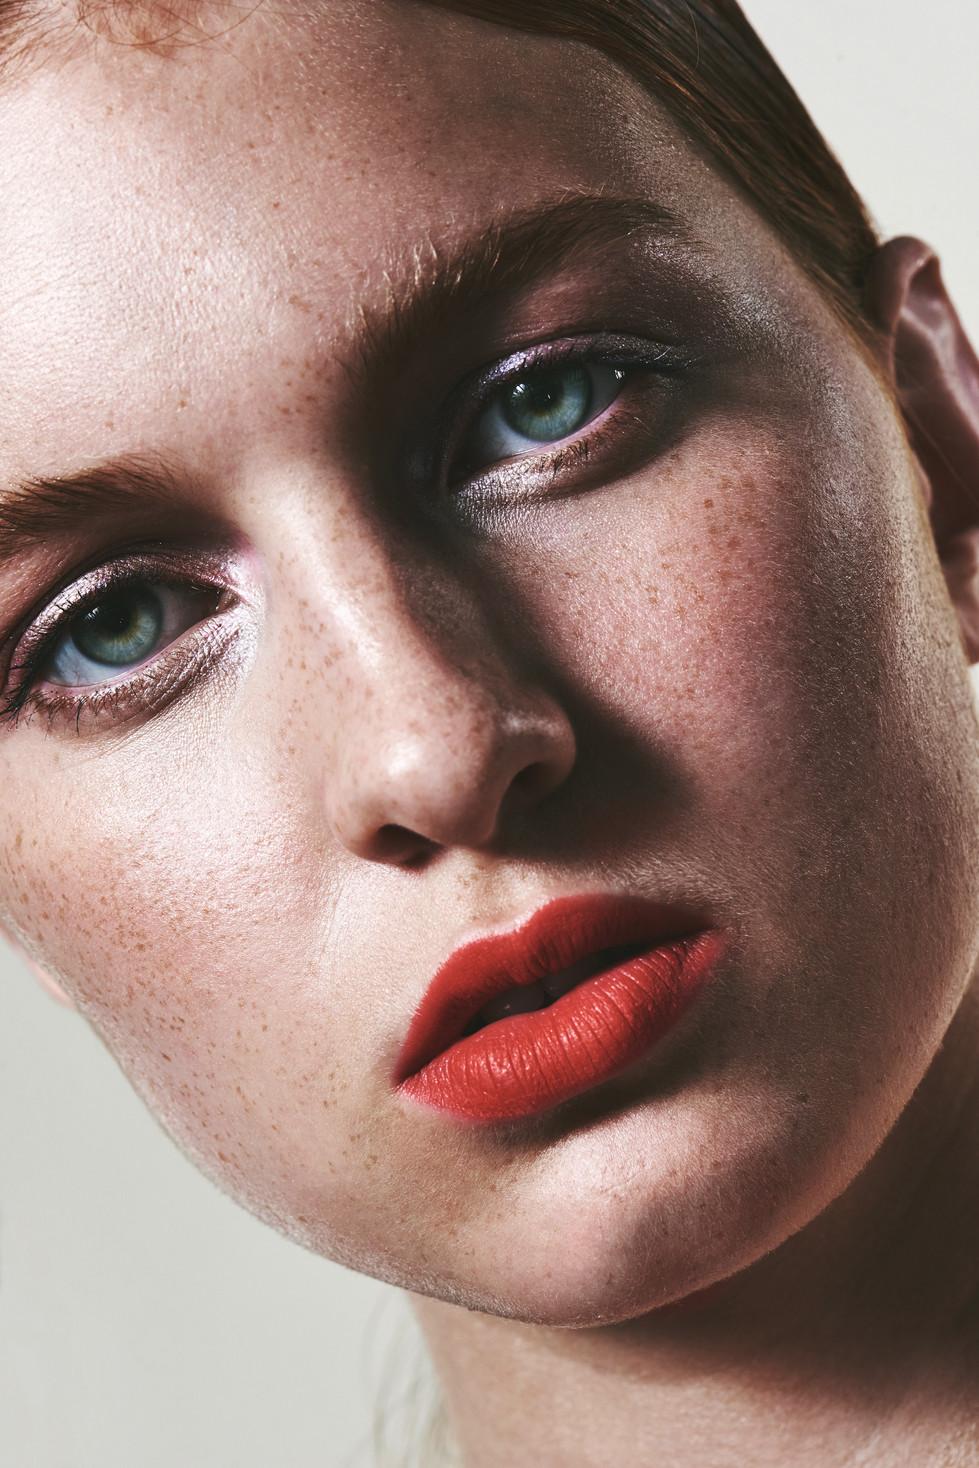 H&M: Elke Kampermann Model: Lilli Biersack